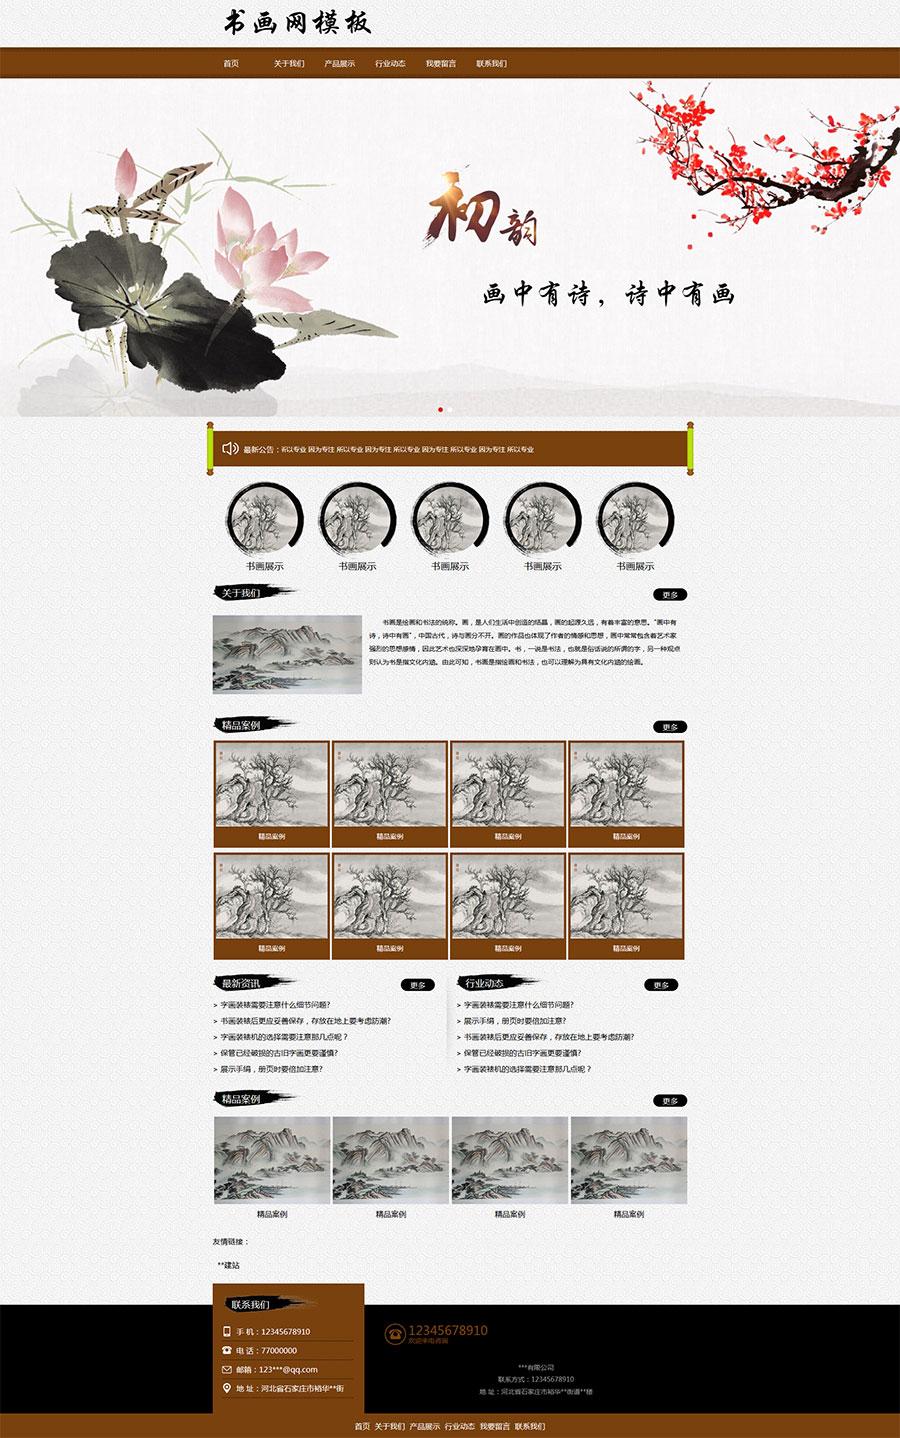 中国古典水墨风格书画销售企业网站模板